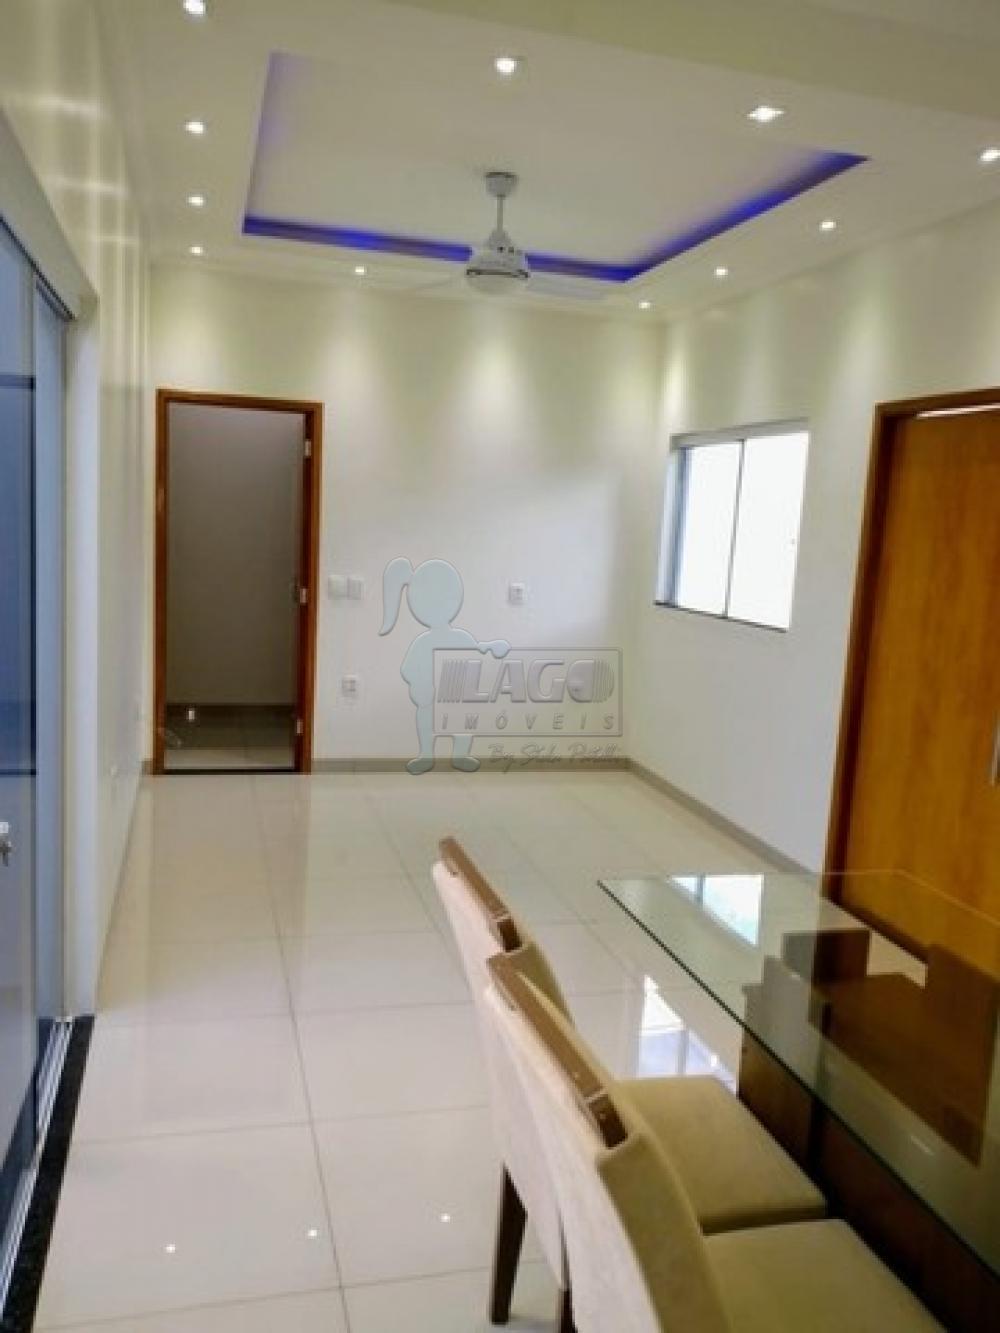 Comprar Casas / Padrão em Sertãozinho R$ 440.000,00 - Foto 6